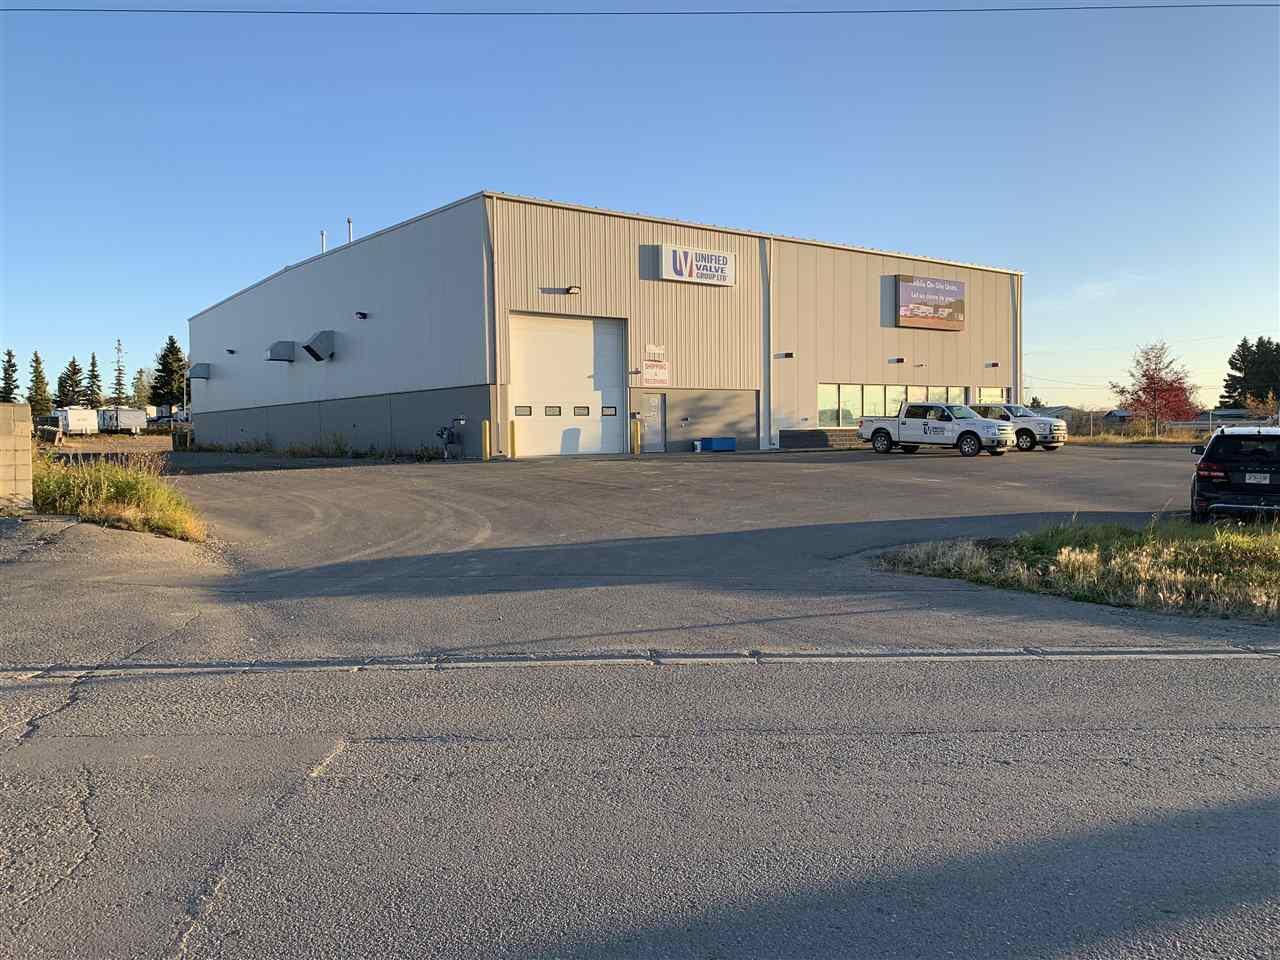 Main Photo: 8316 N ALASKA Road in Fort St. John: Fort St. John - City SE Industrial for sale (Fort St. John (Zone 60))  : MLS®# C8034329